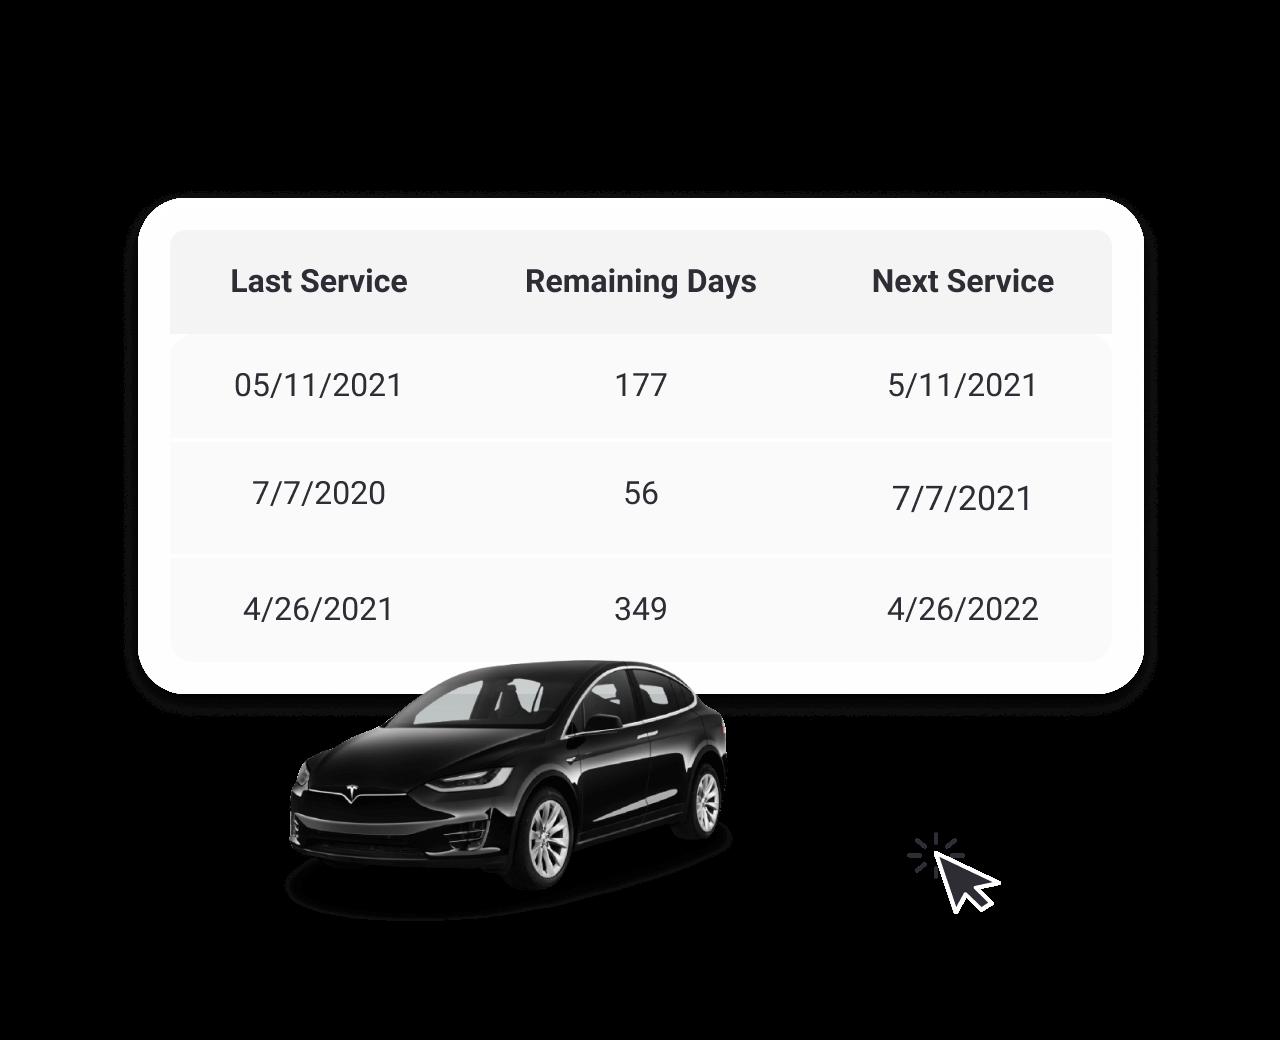 Mantén tu flota actualizada con nuestra herramienta de alertas de mantenimiento. Podrás medir, entre otros indicadores, días y km recorridos de tu flota.